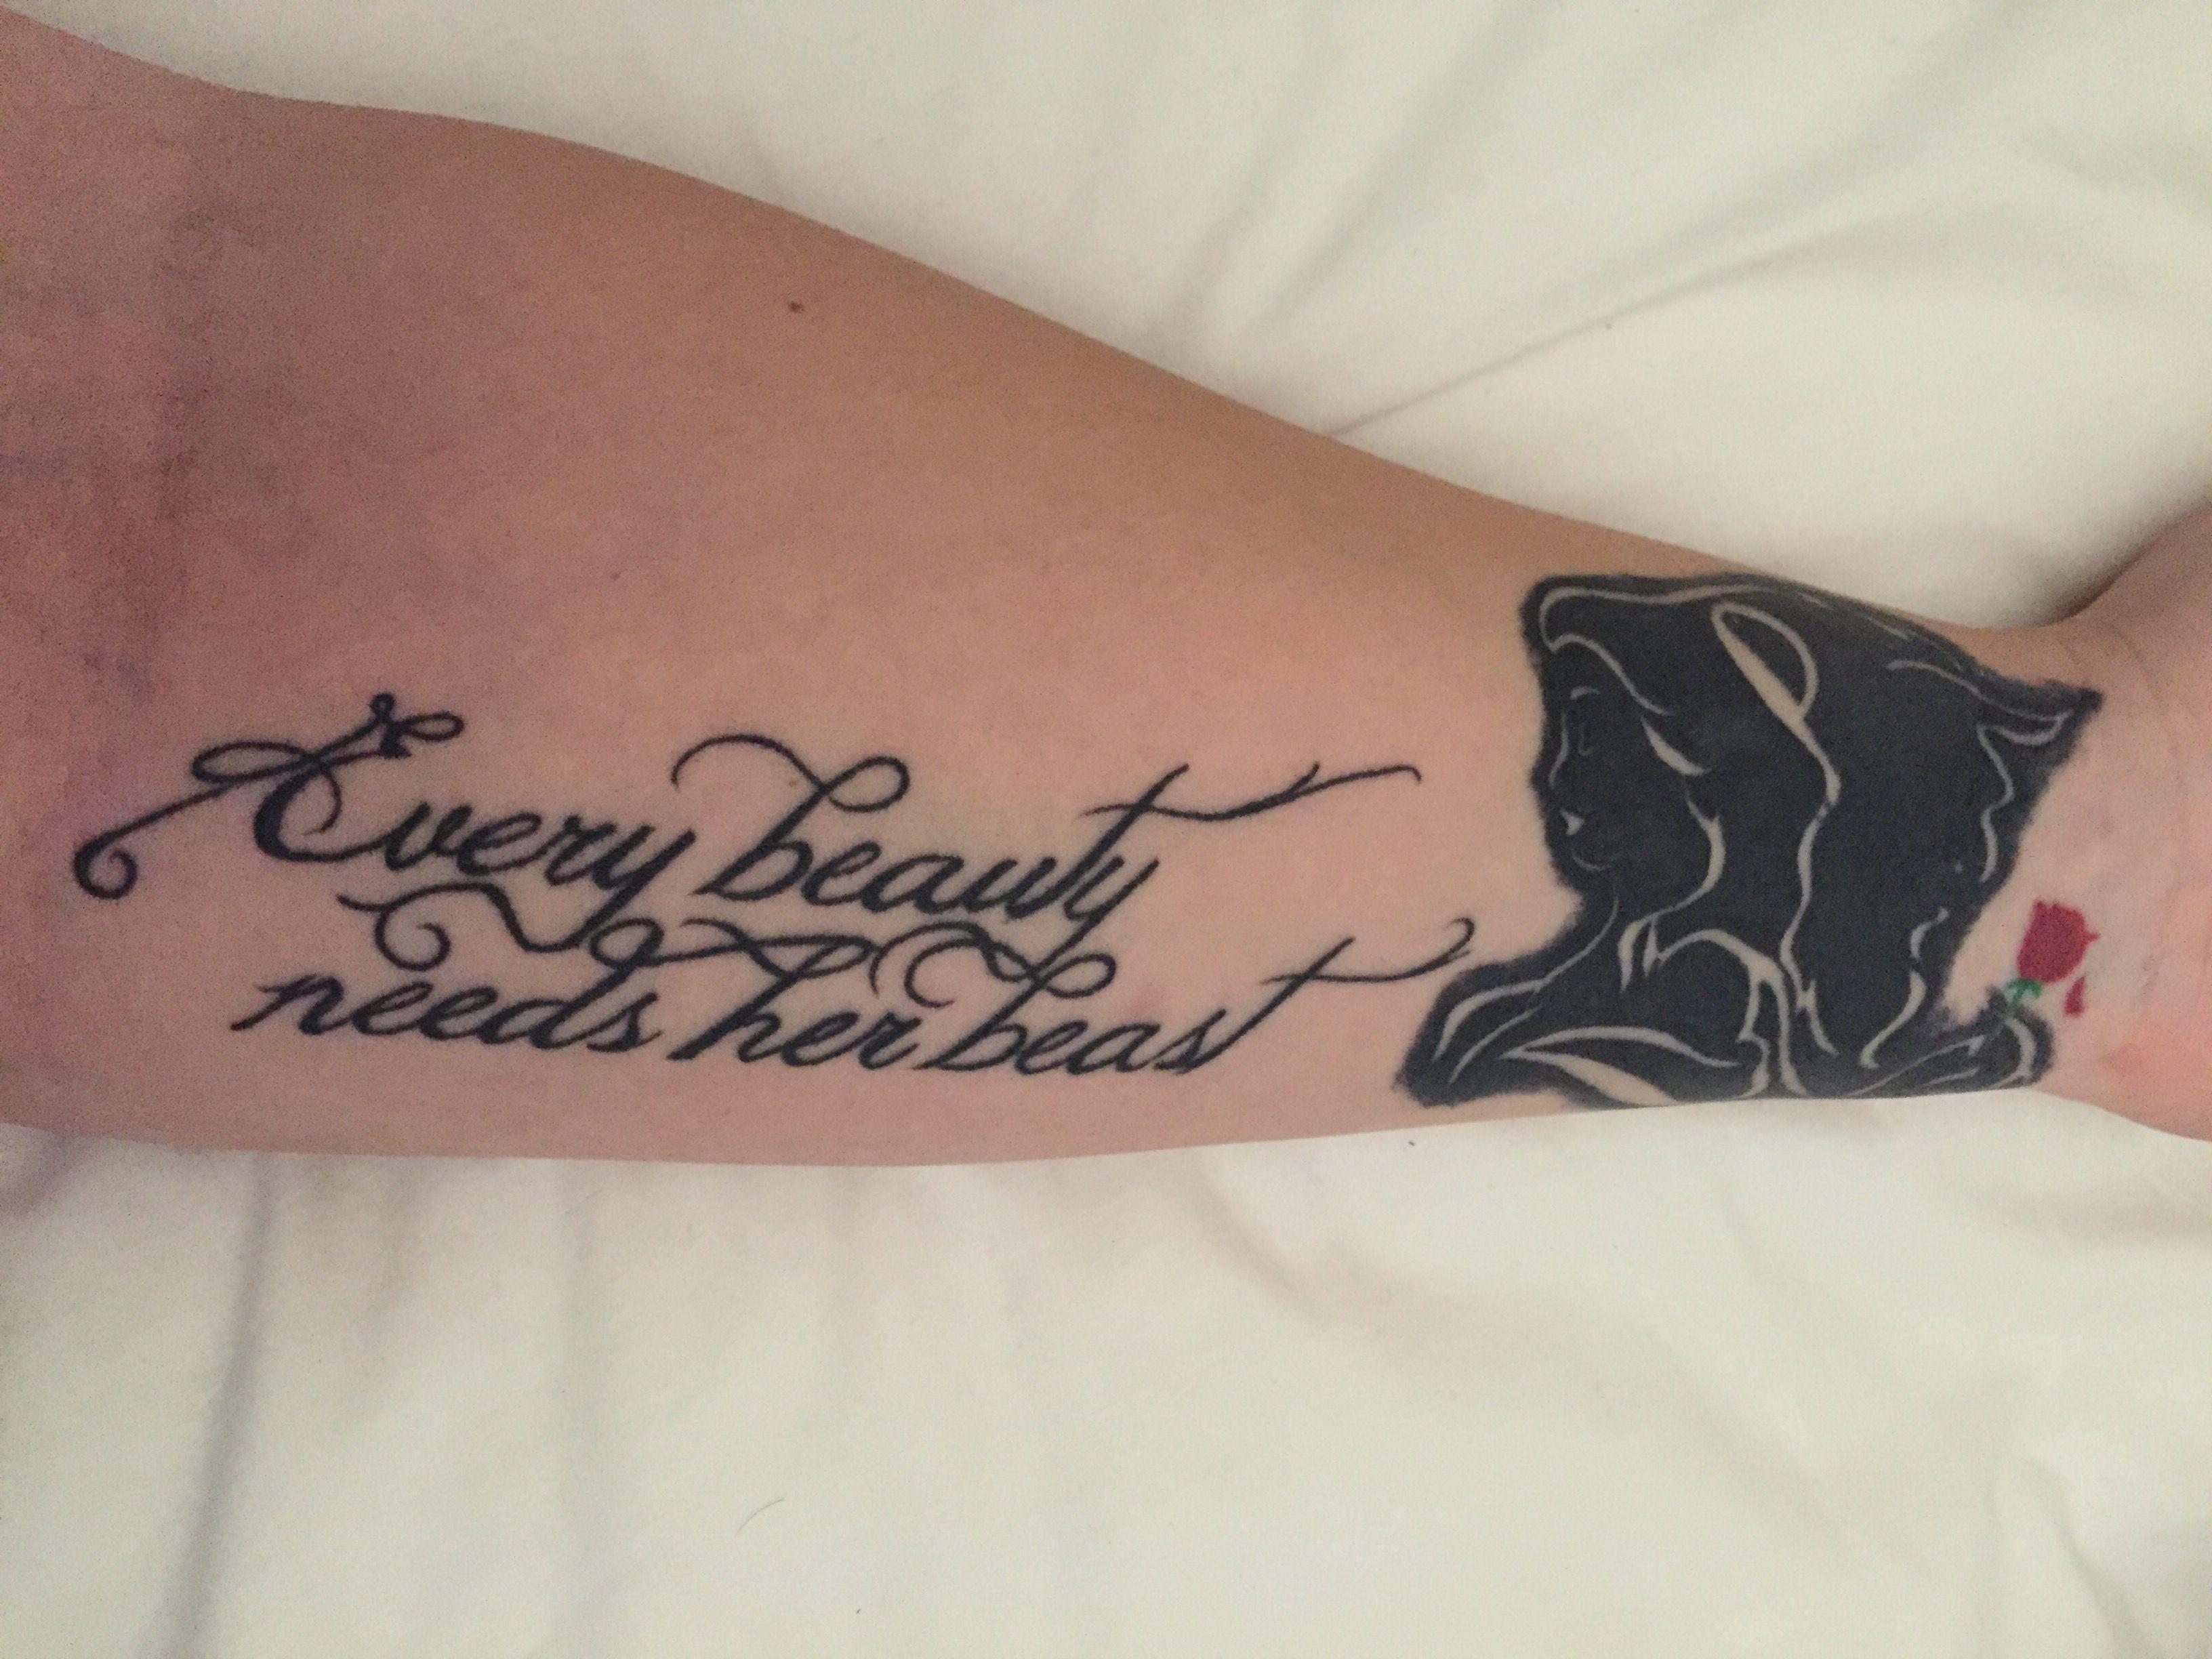 Beauty And The Beast Tattoo. Every Beauty Needs Her Beast